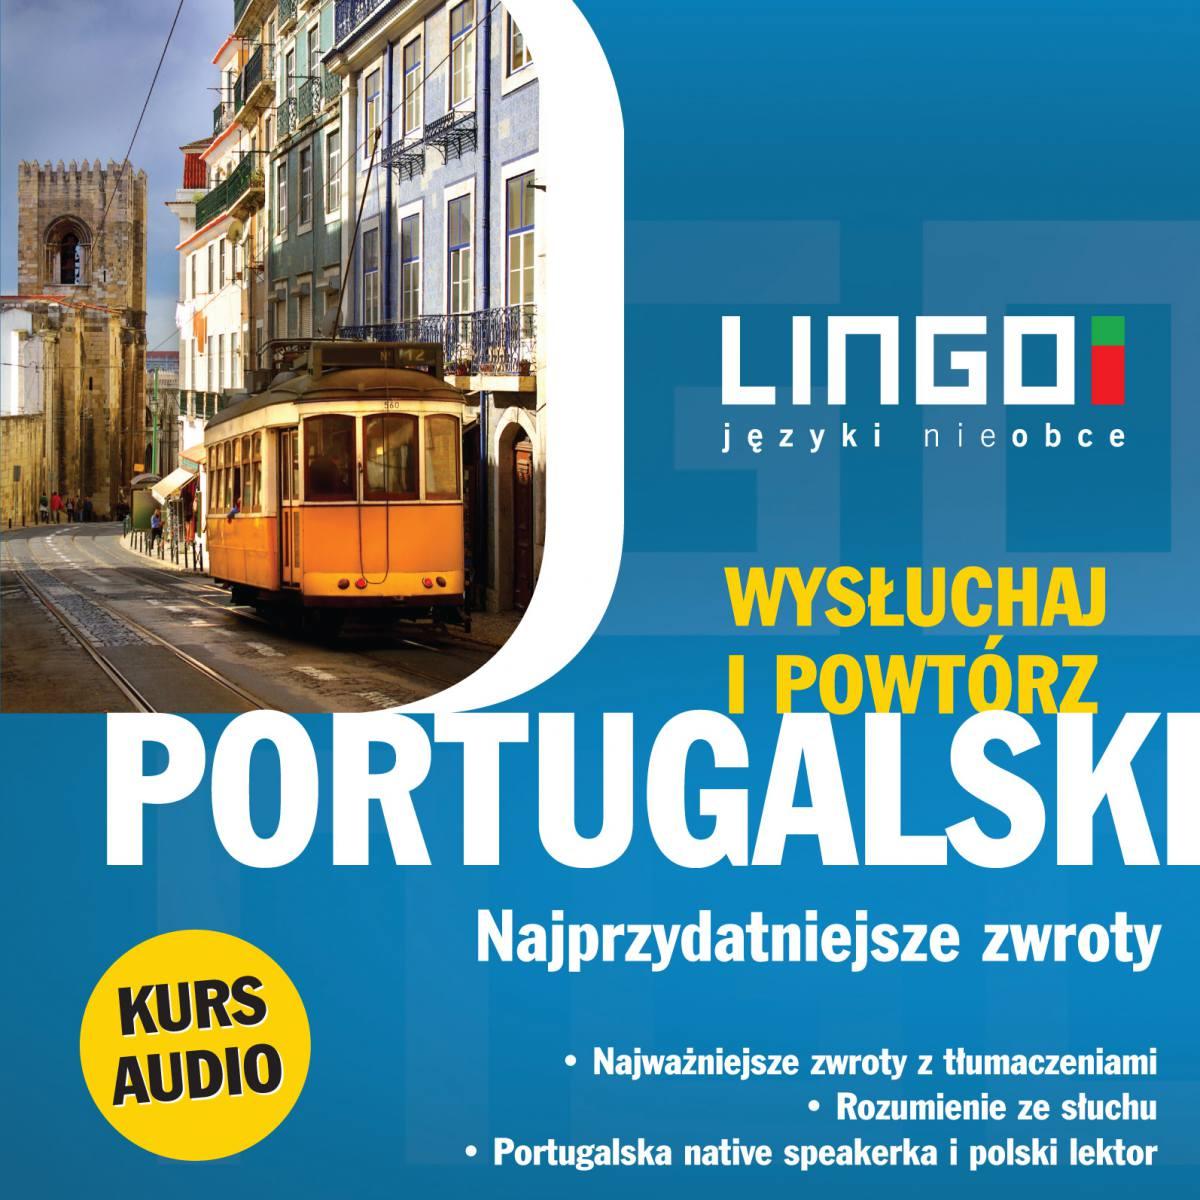 Portugalski. Najprzydatniejsze zwroty. Wysłuchaj i powtórz - Audiobook (Książka audio MP3) do pobrania w całości w archiwum ZIP